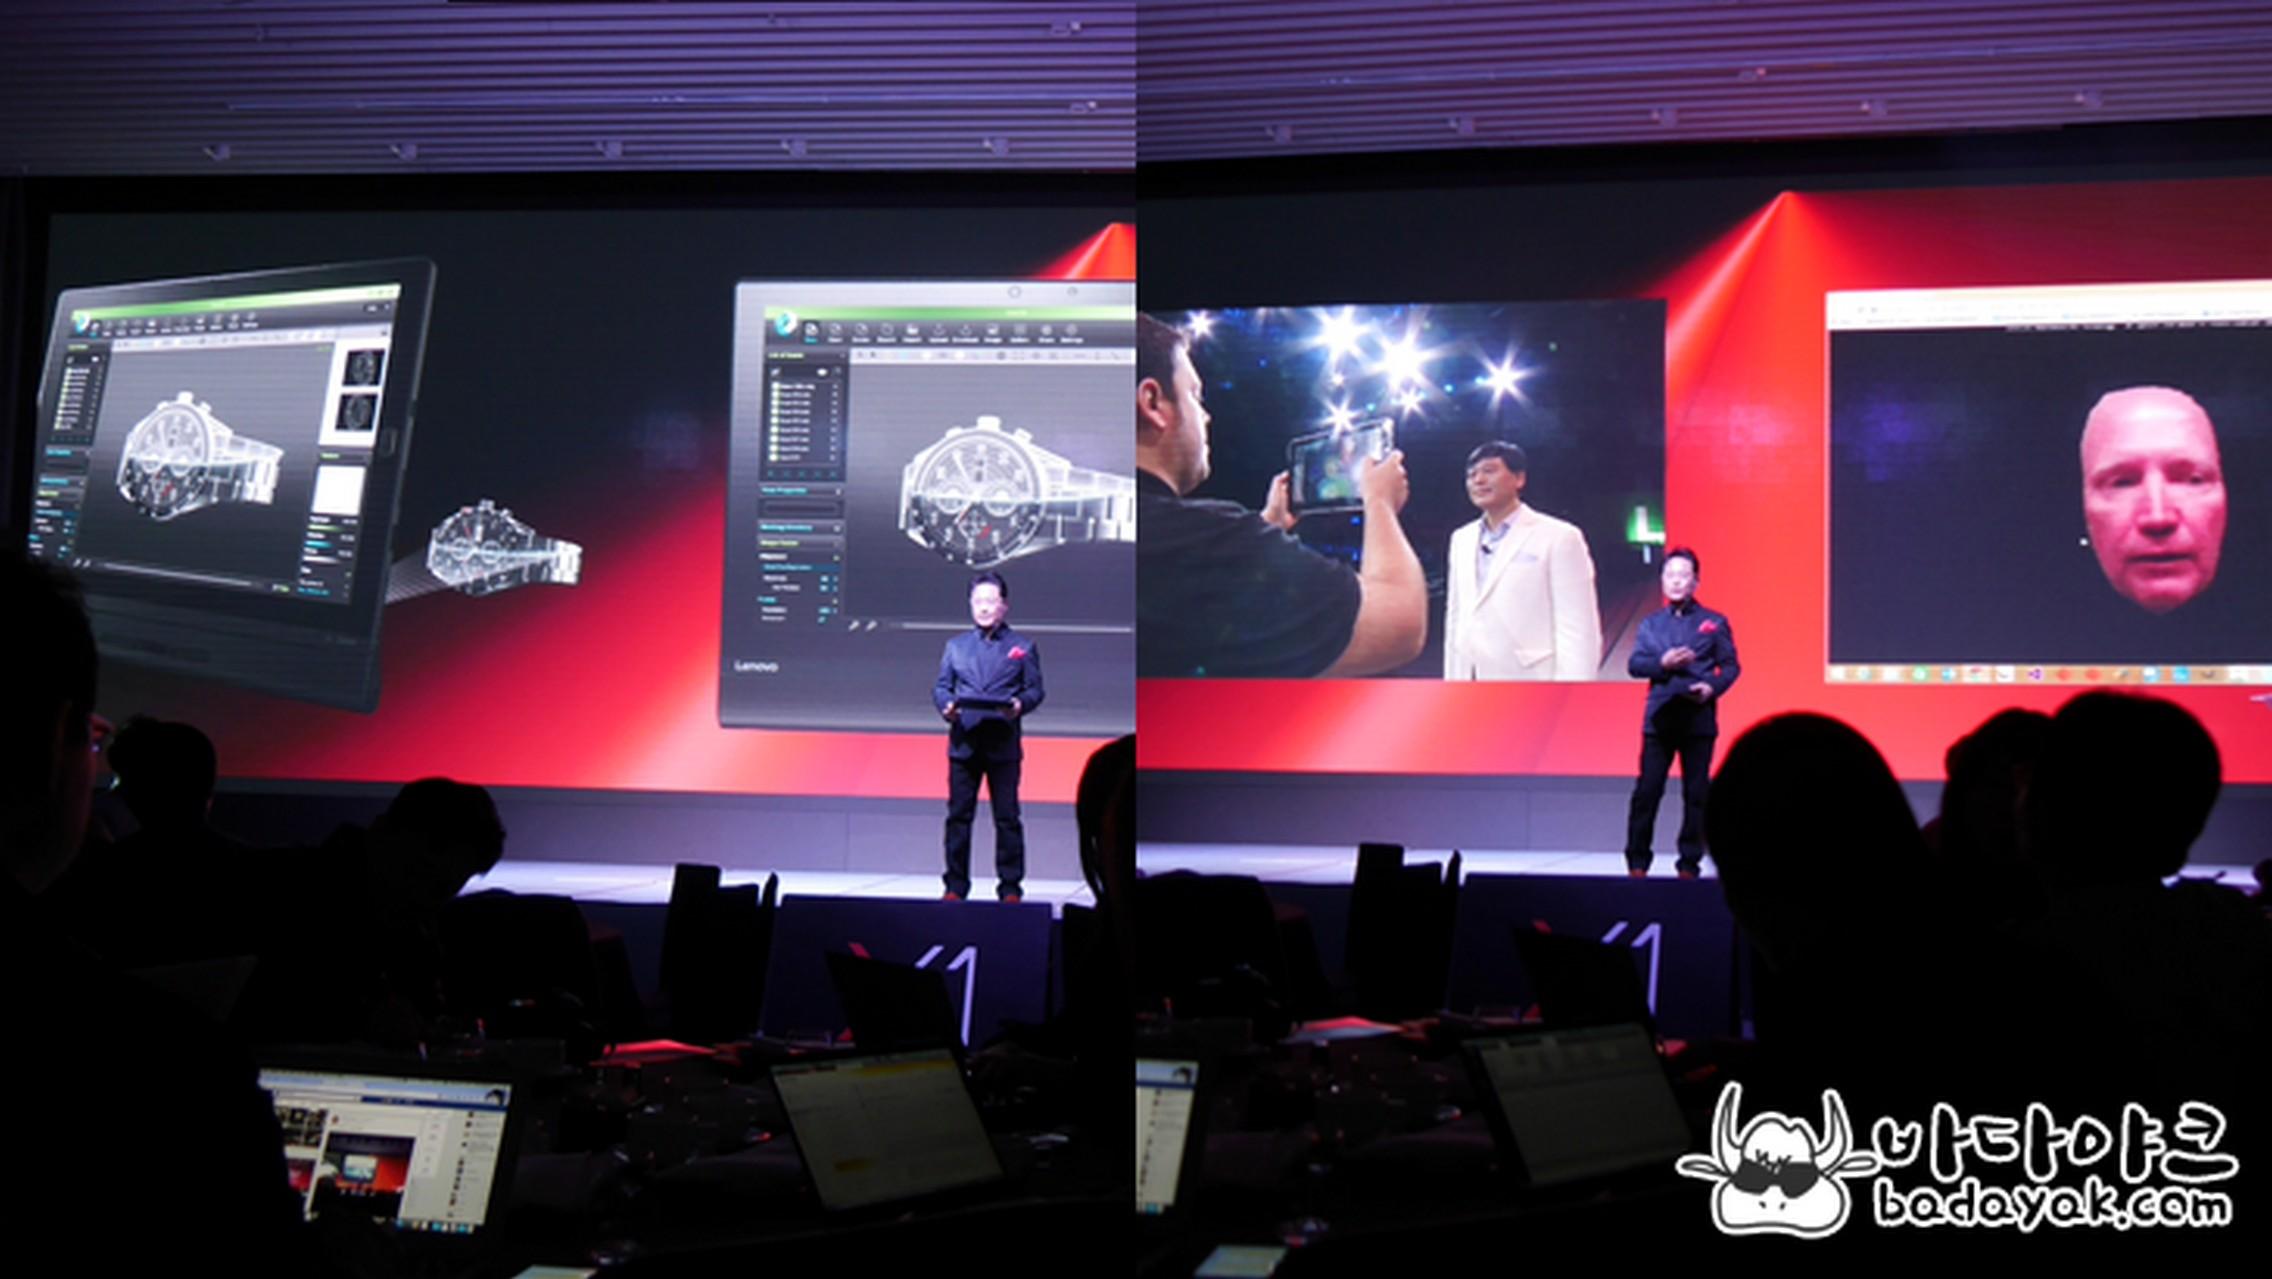 레노버 씽크패드 X1 태블릿